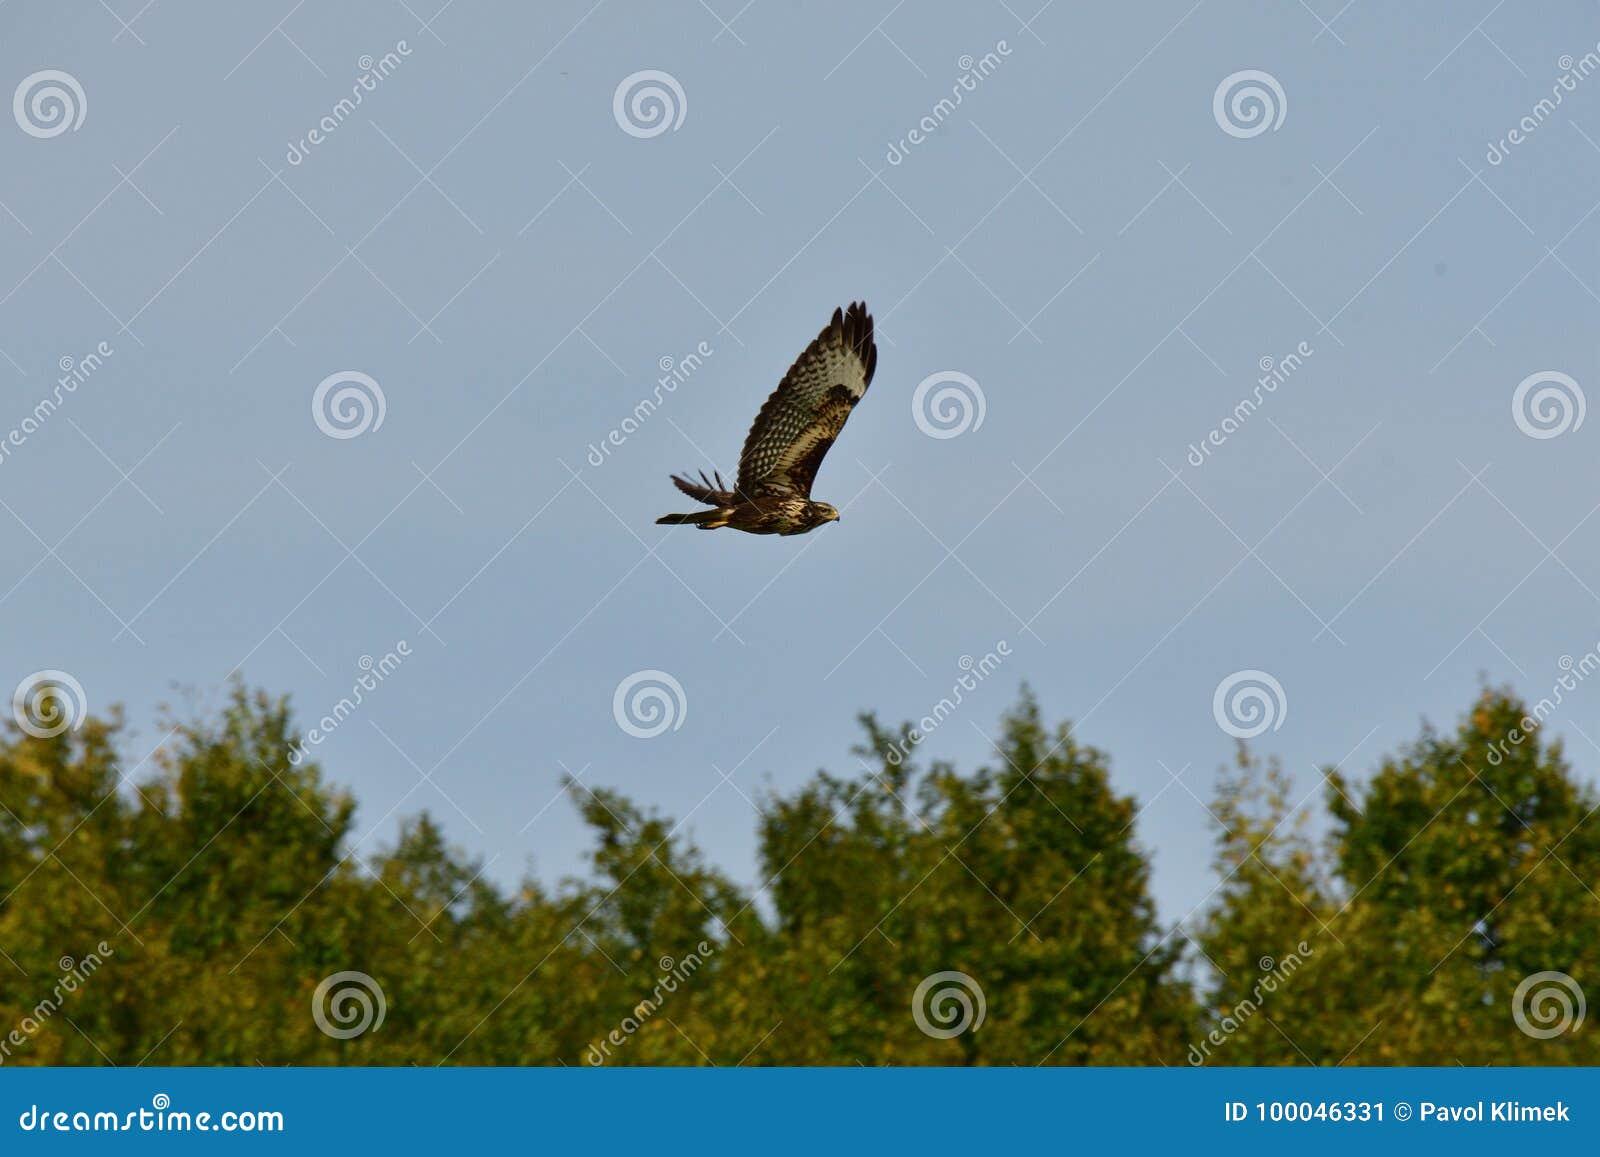 飞行在森林的掠食性鹰